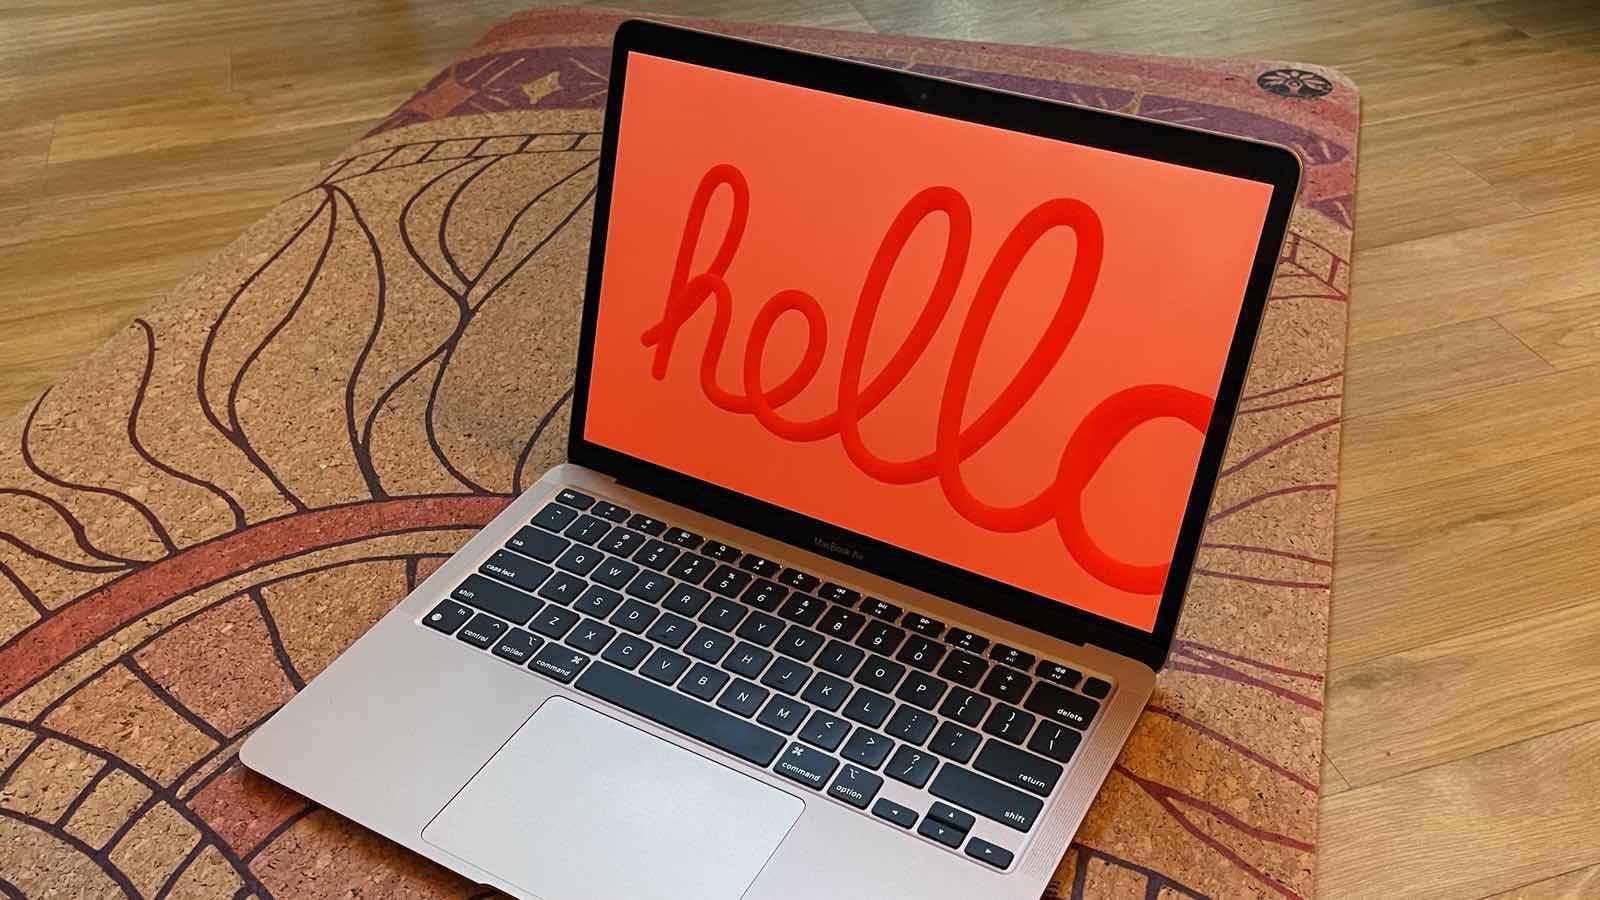 macOS Big Sur 11.3 ma nowy wygaszacz ekranu polecane, ciekawostki wygaszacz ekranu, nowy wygaszacz ekranu, macOS 11.3 Big Sur, macOS 11.3, Hello  W wydanej kilka dni temu wersji macOS Big Sur 11.3 RC portal 9to5Mac odkrył nowy ukryty wygaszacz ekranu. Jak Wam się podoba? hello 1